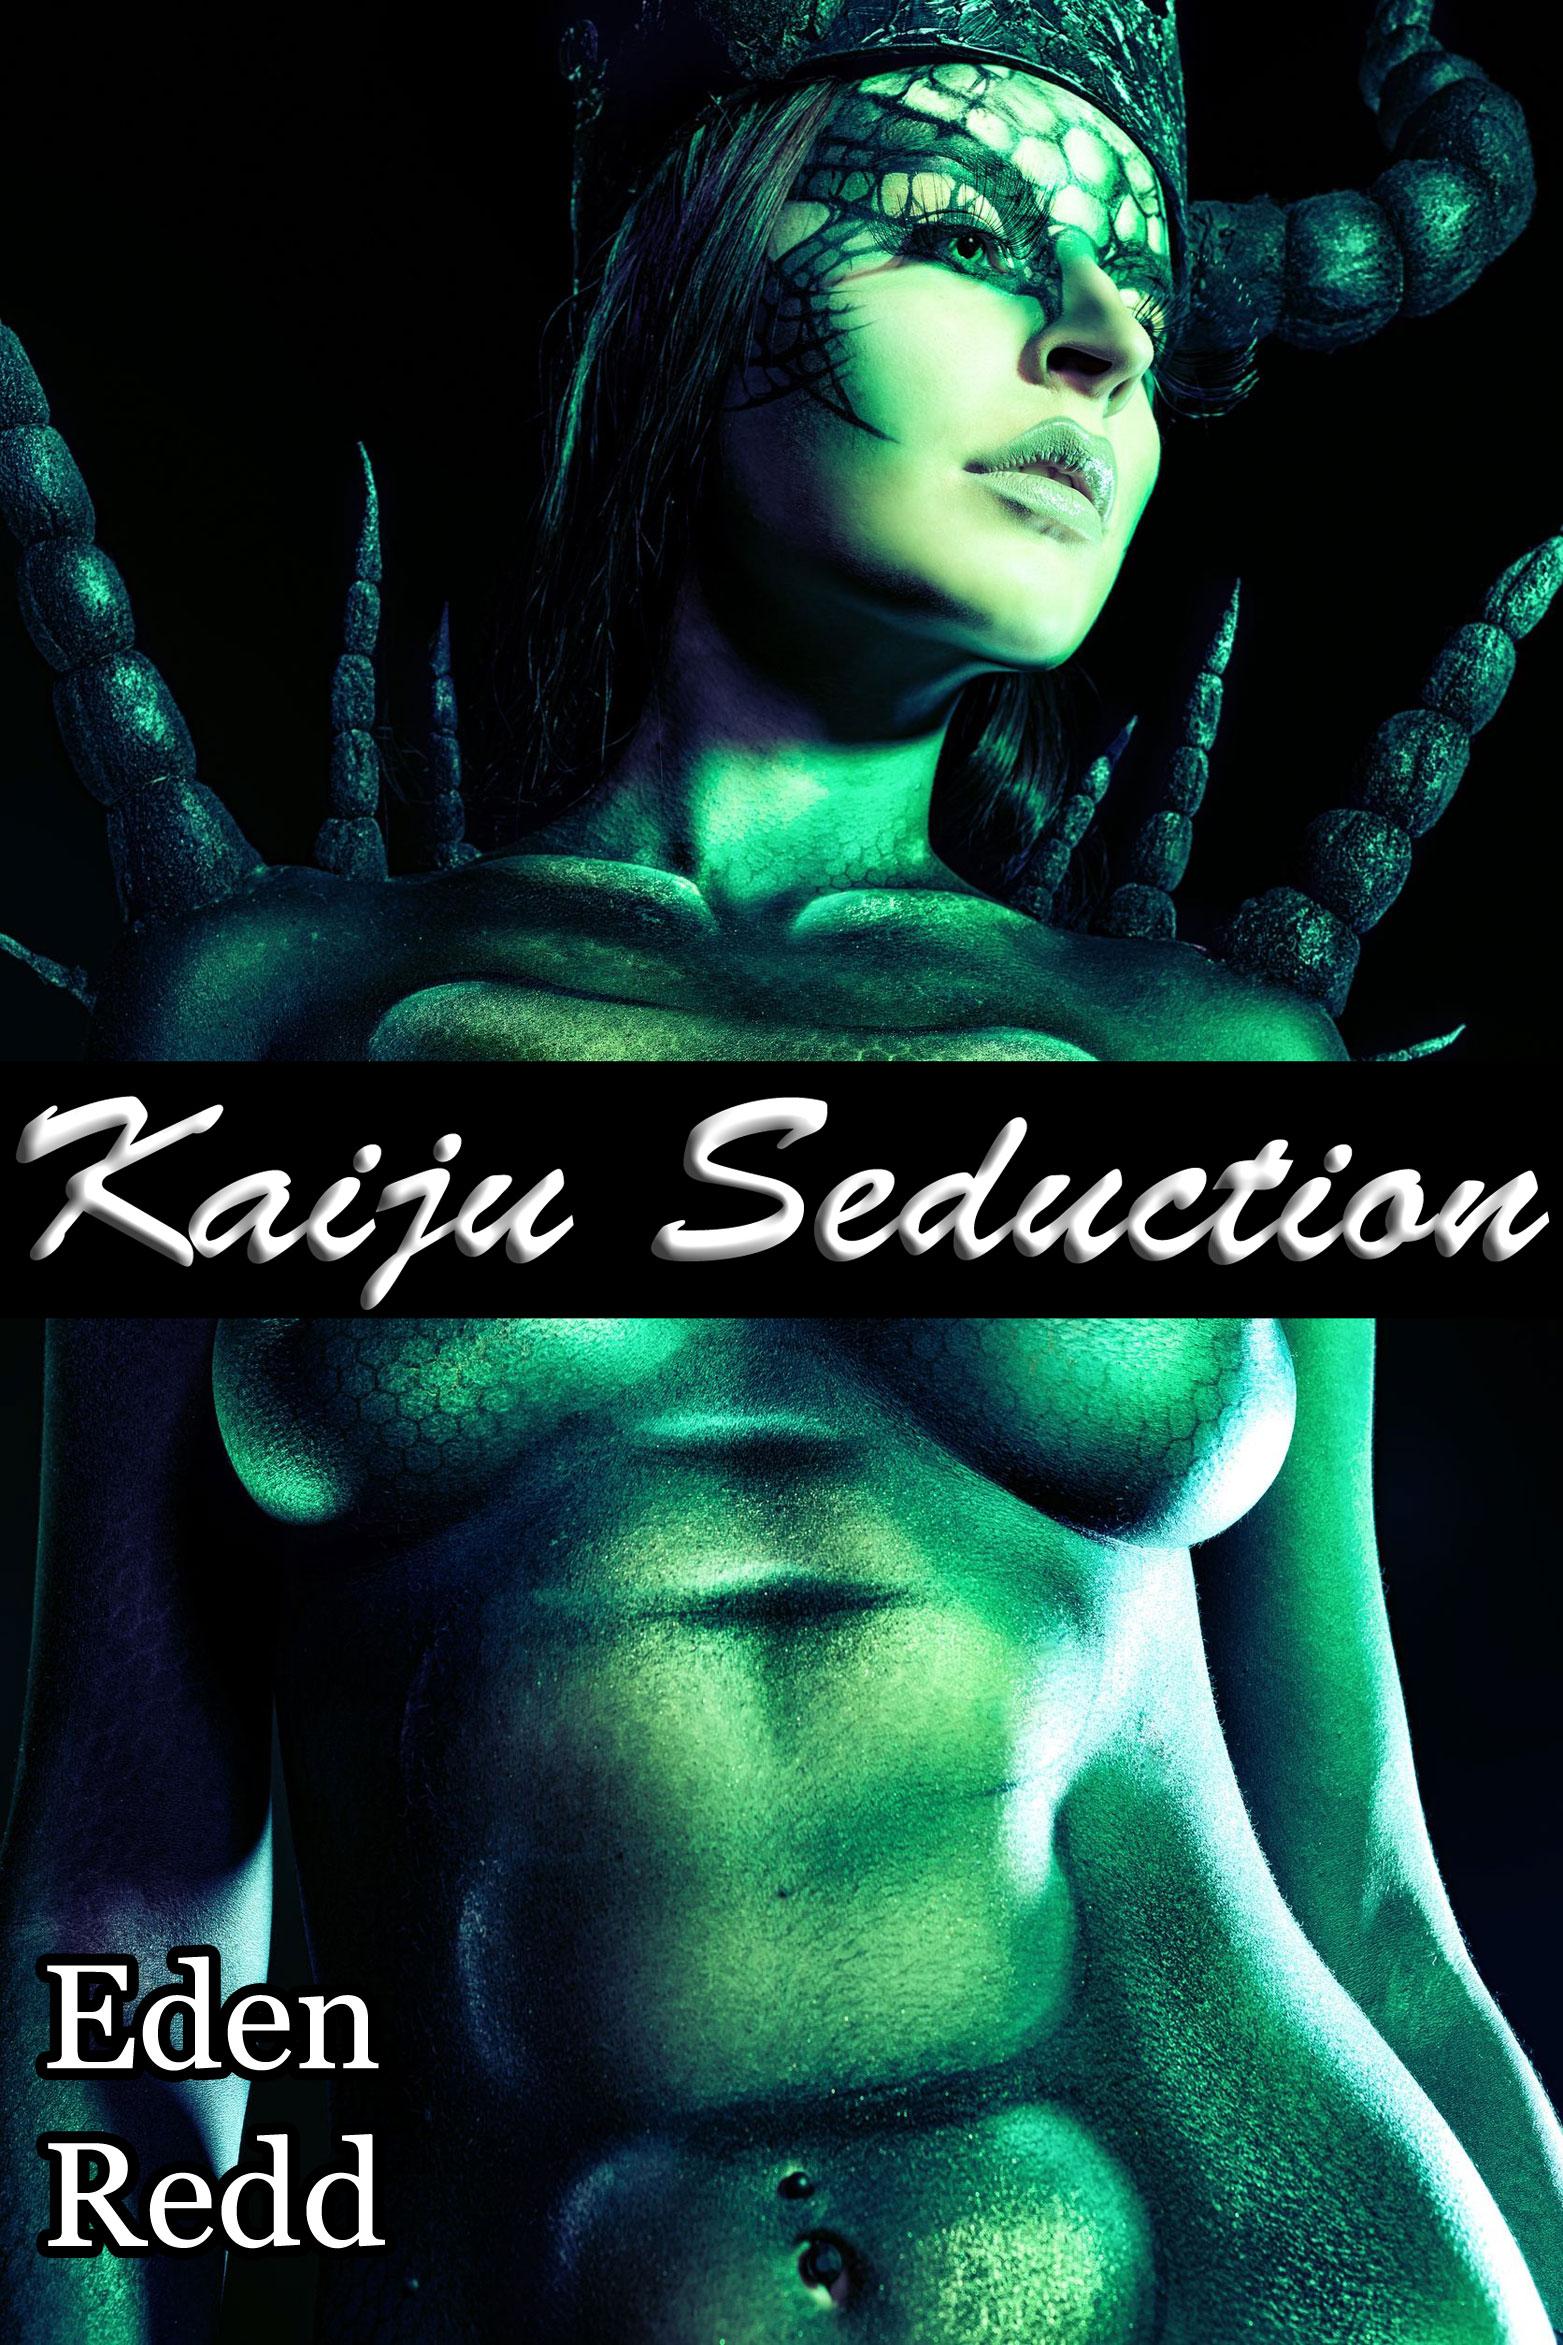 Eden Redd - Kaiju Seduction